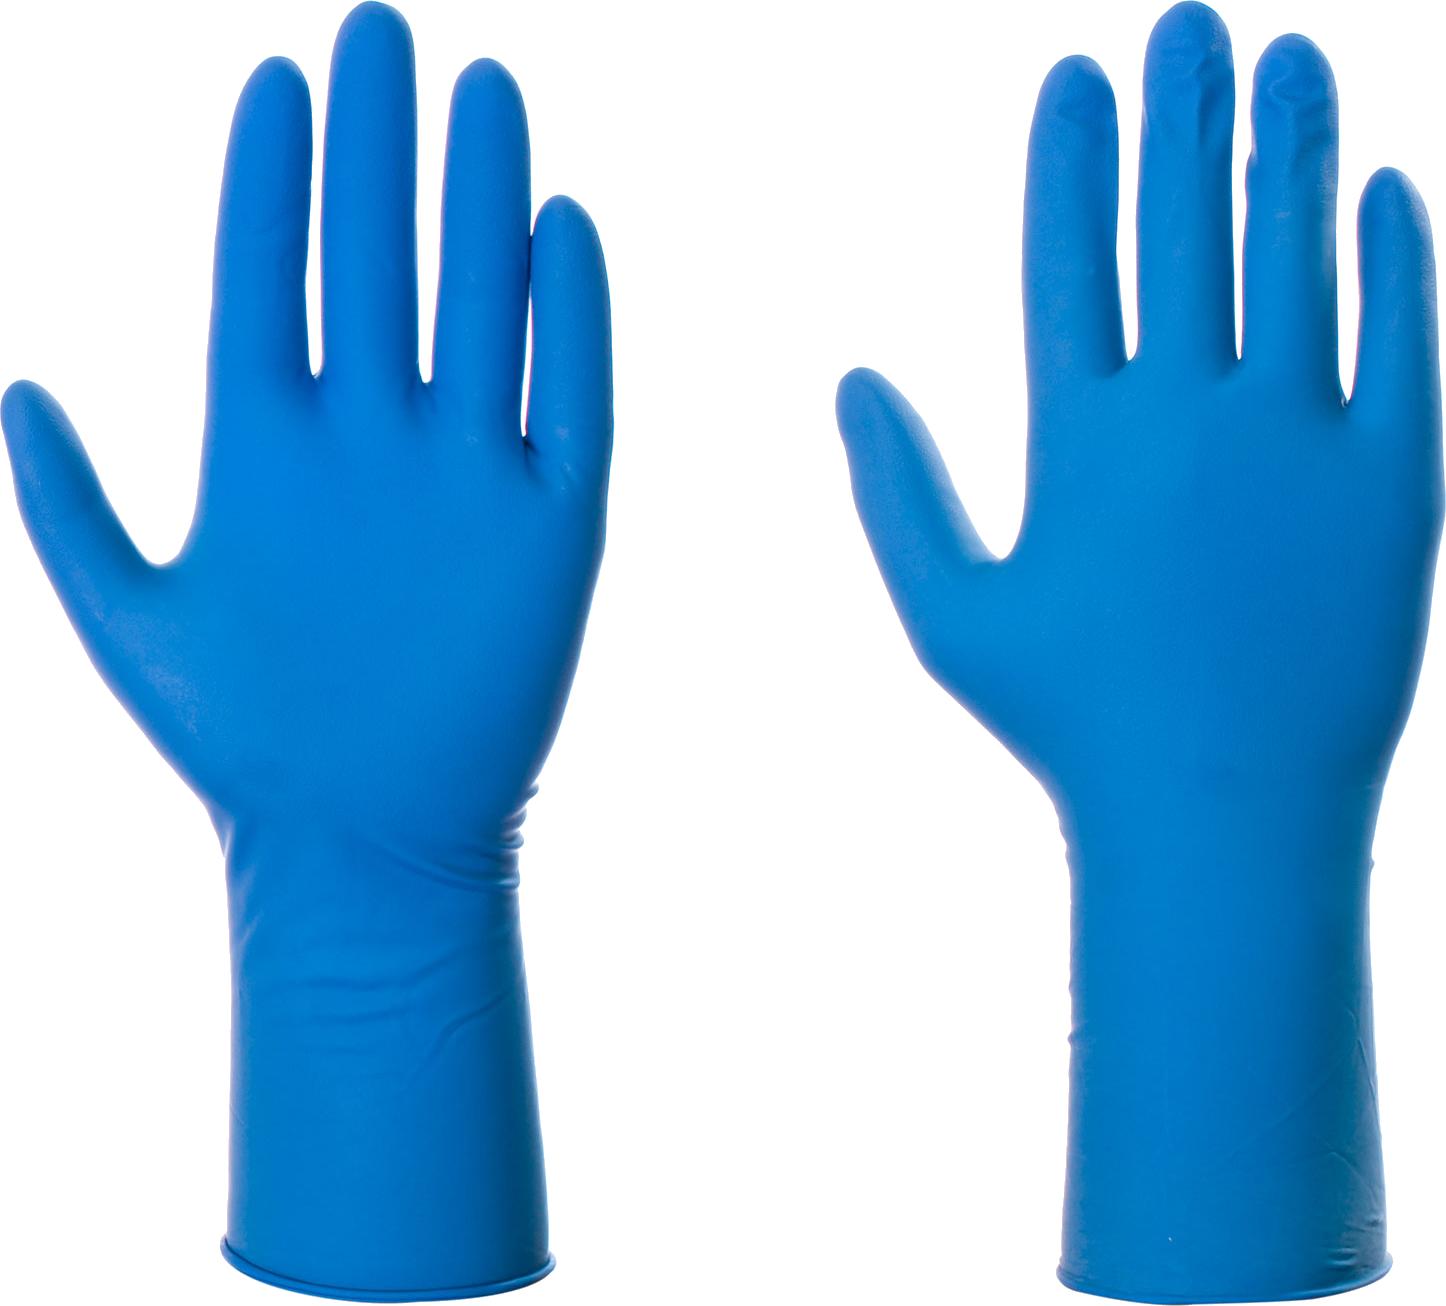 Blue Gloves PNG Image